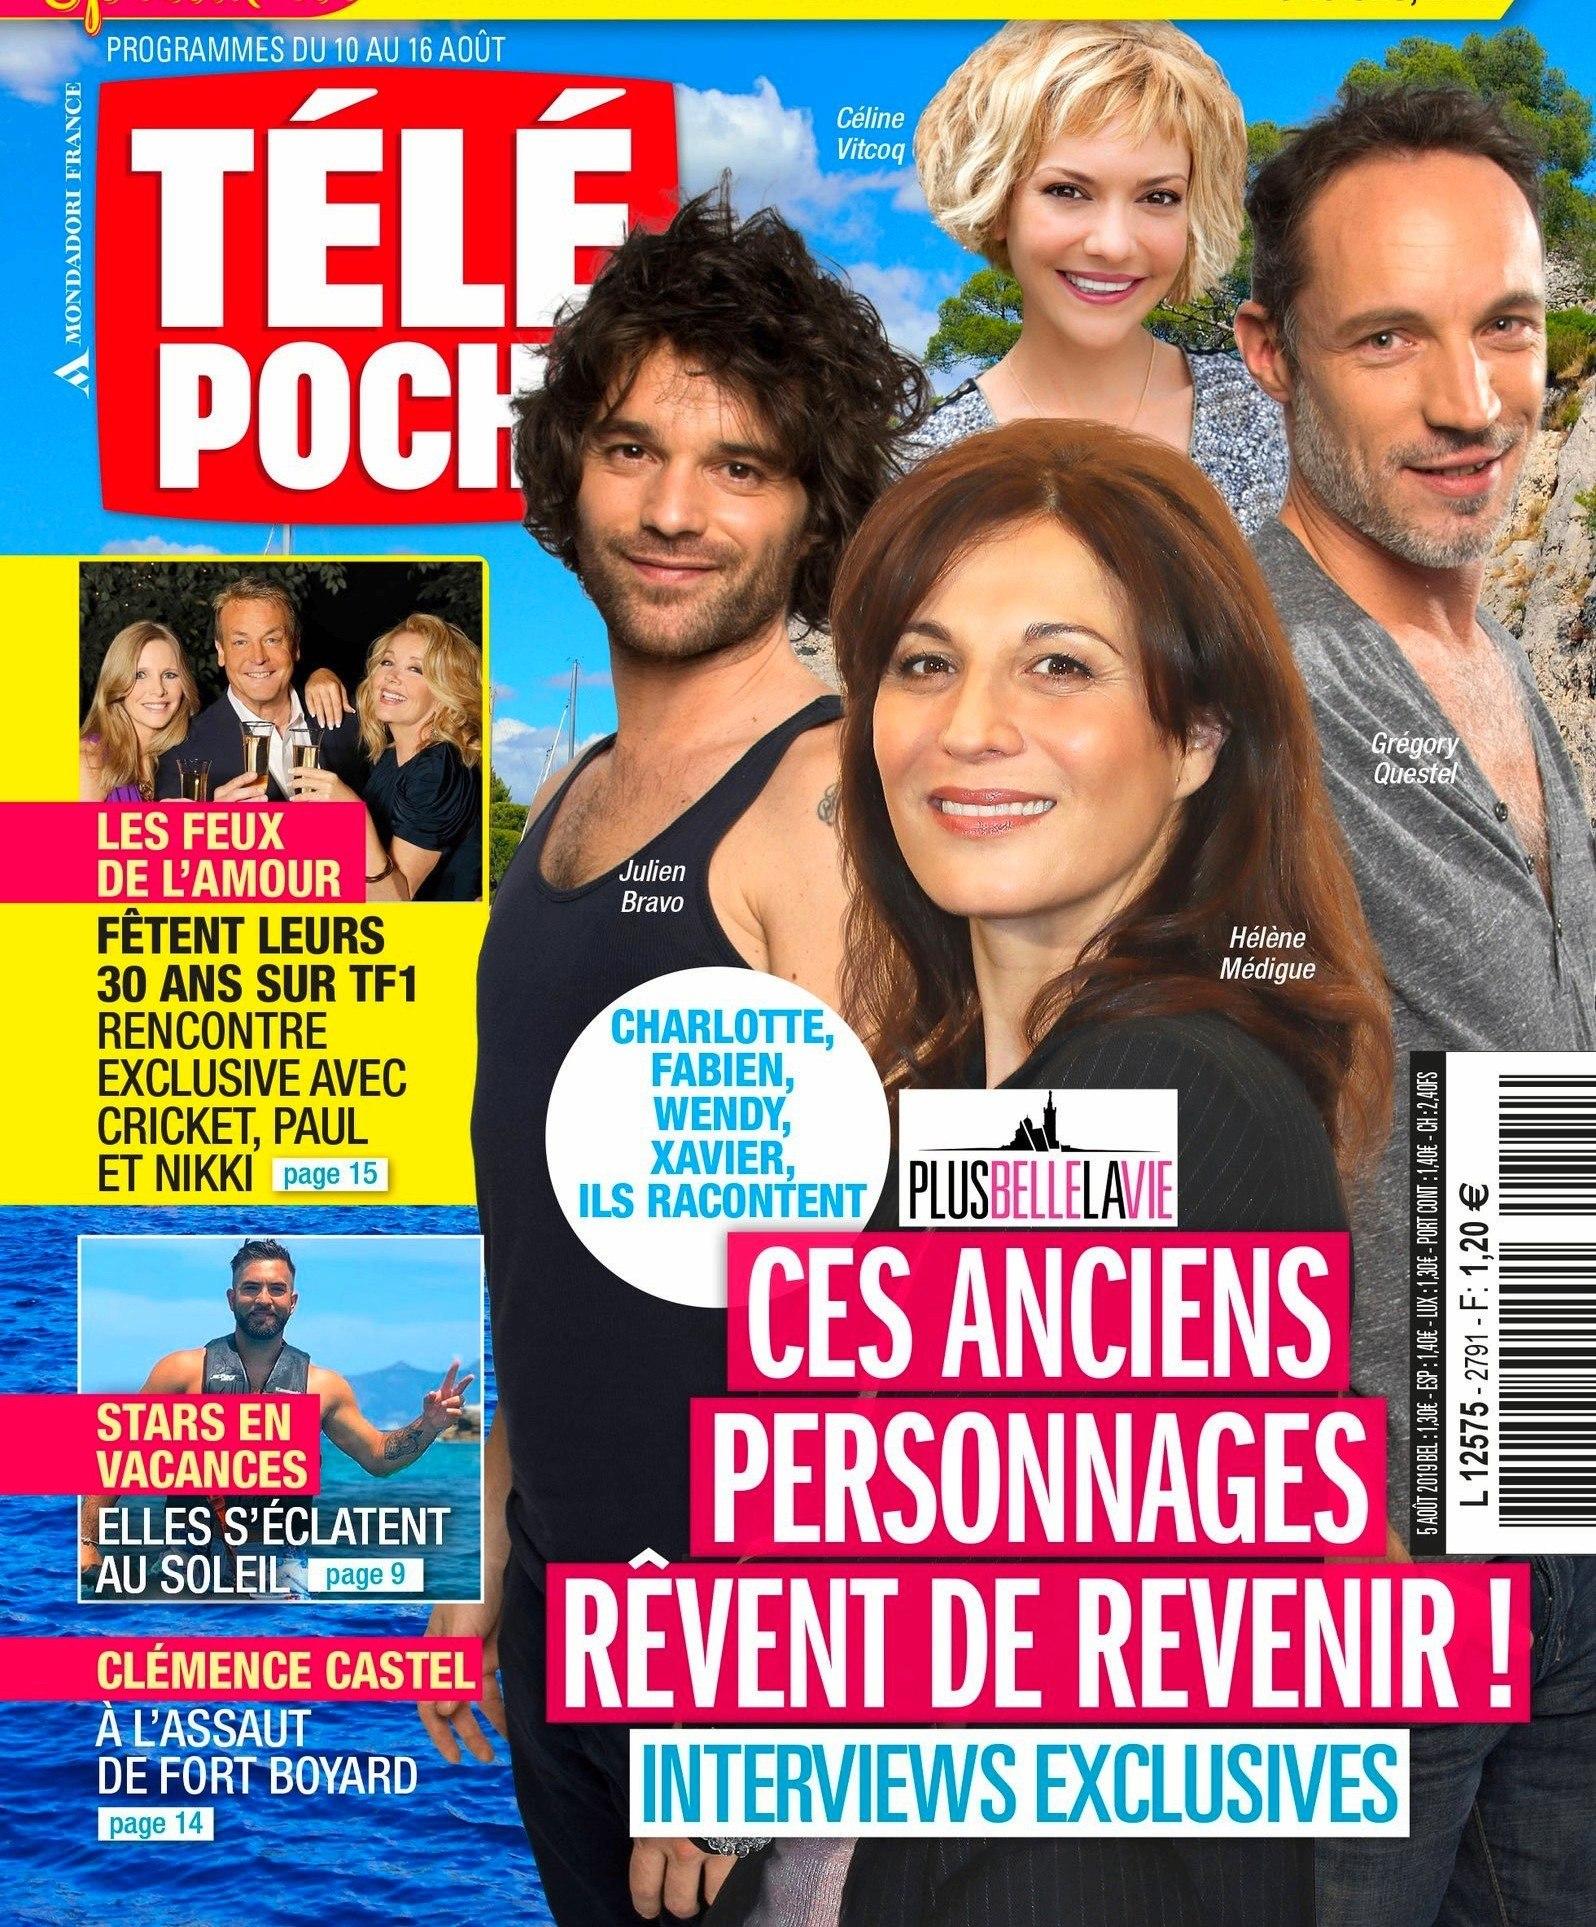 Rubrique presse ! - Page 29 Telepo17